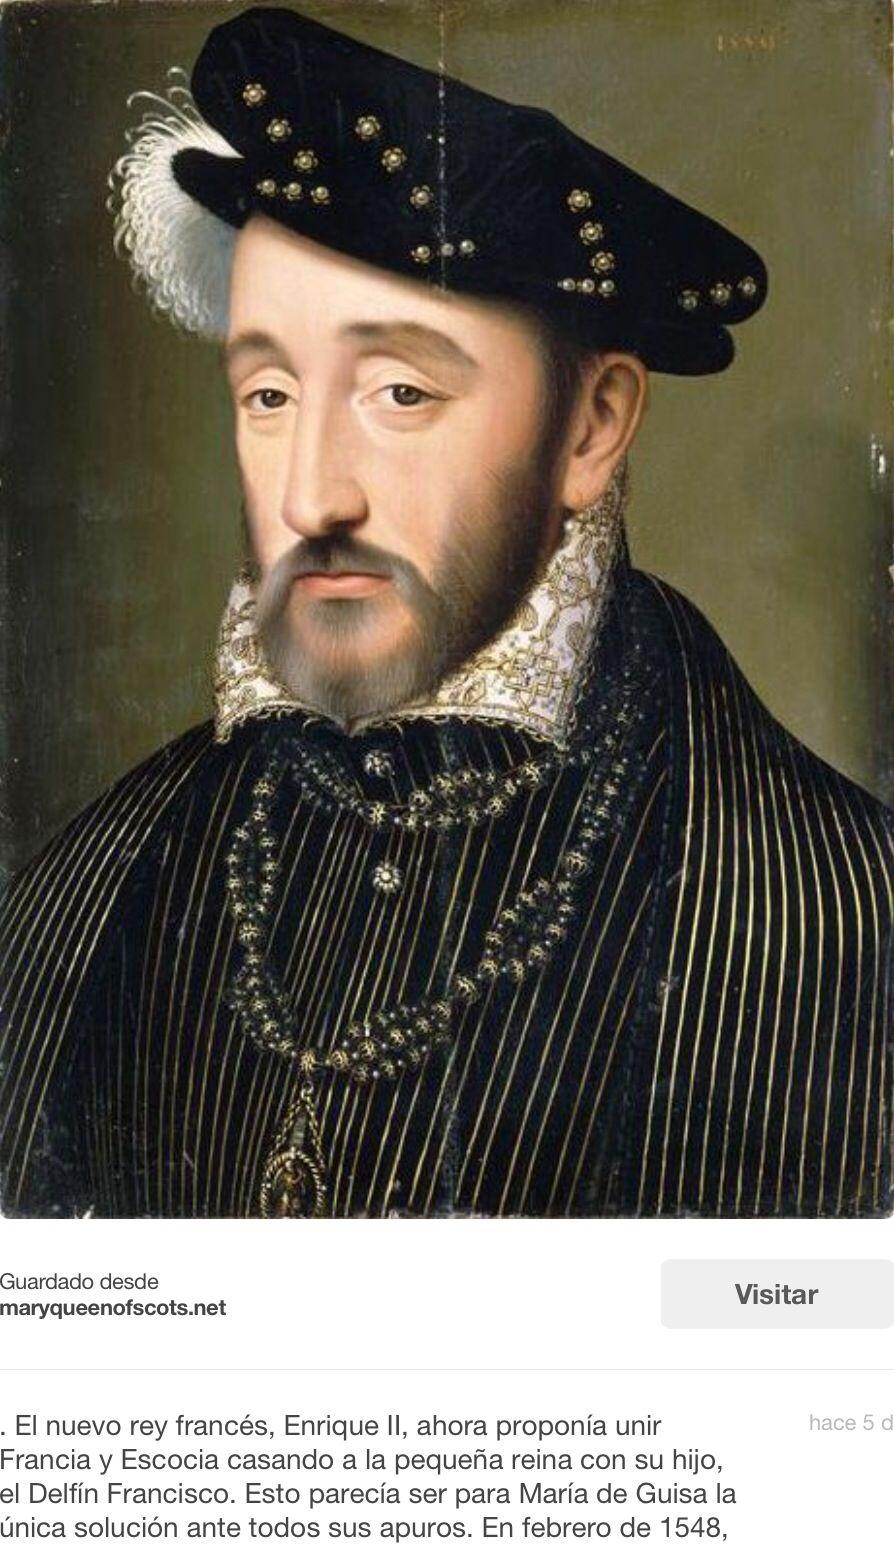 Su Suegro Enrique Ii Rey De Francia E Hijo De Francisco I Enamorado Perdido Toda La Vida De Su Ama Catalina De Medici Retrato De Hombre Retratos Masculinos